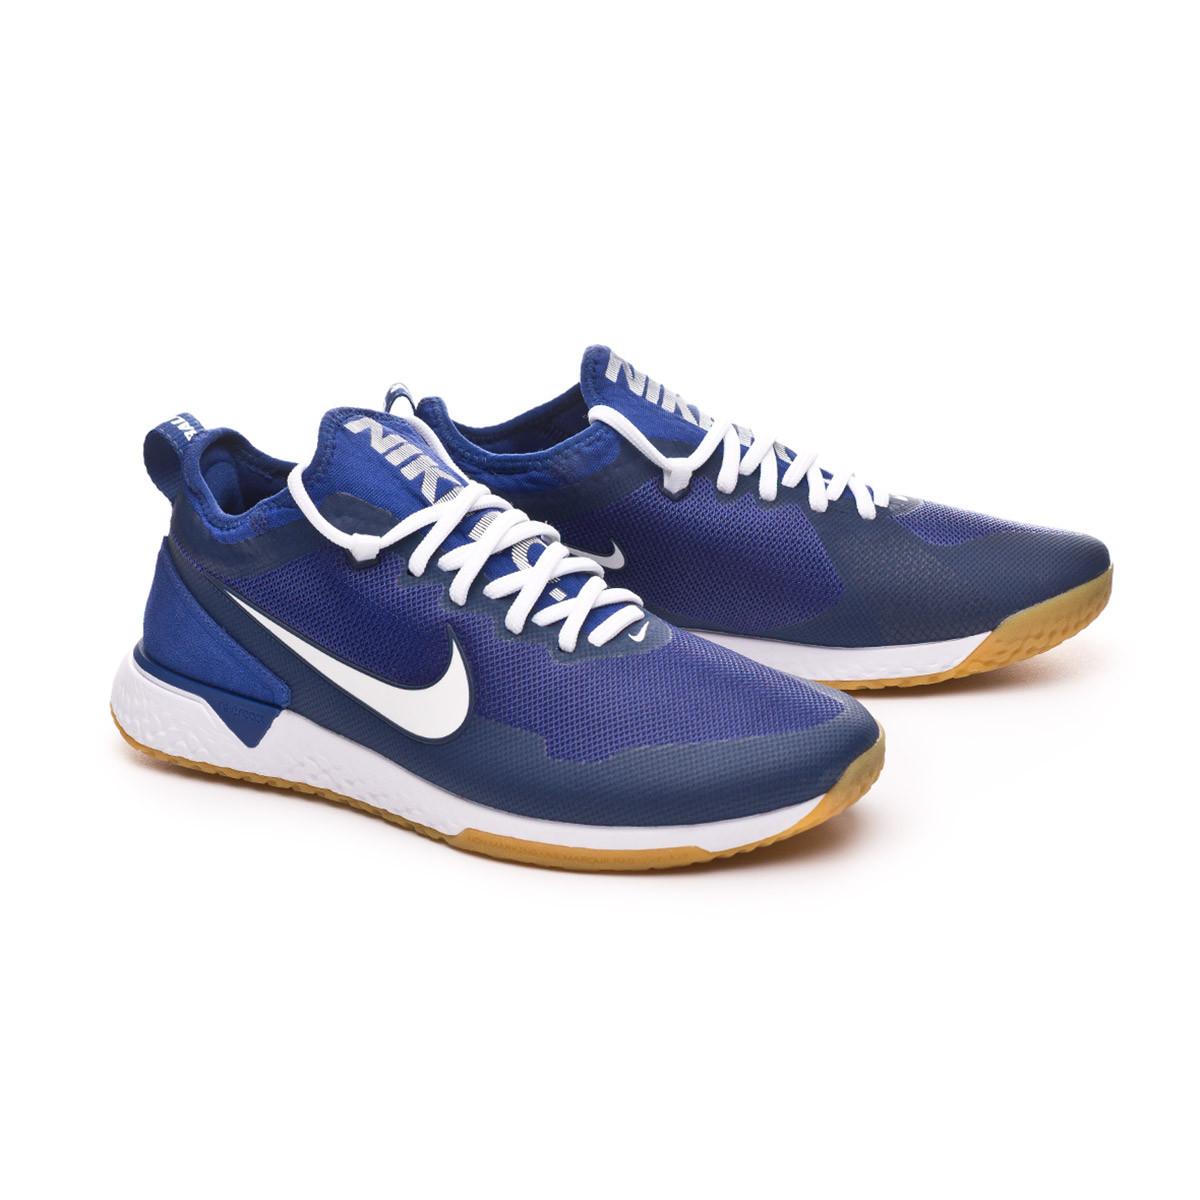 scarpe nike f.c